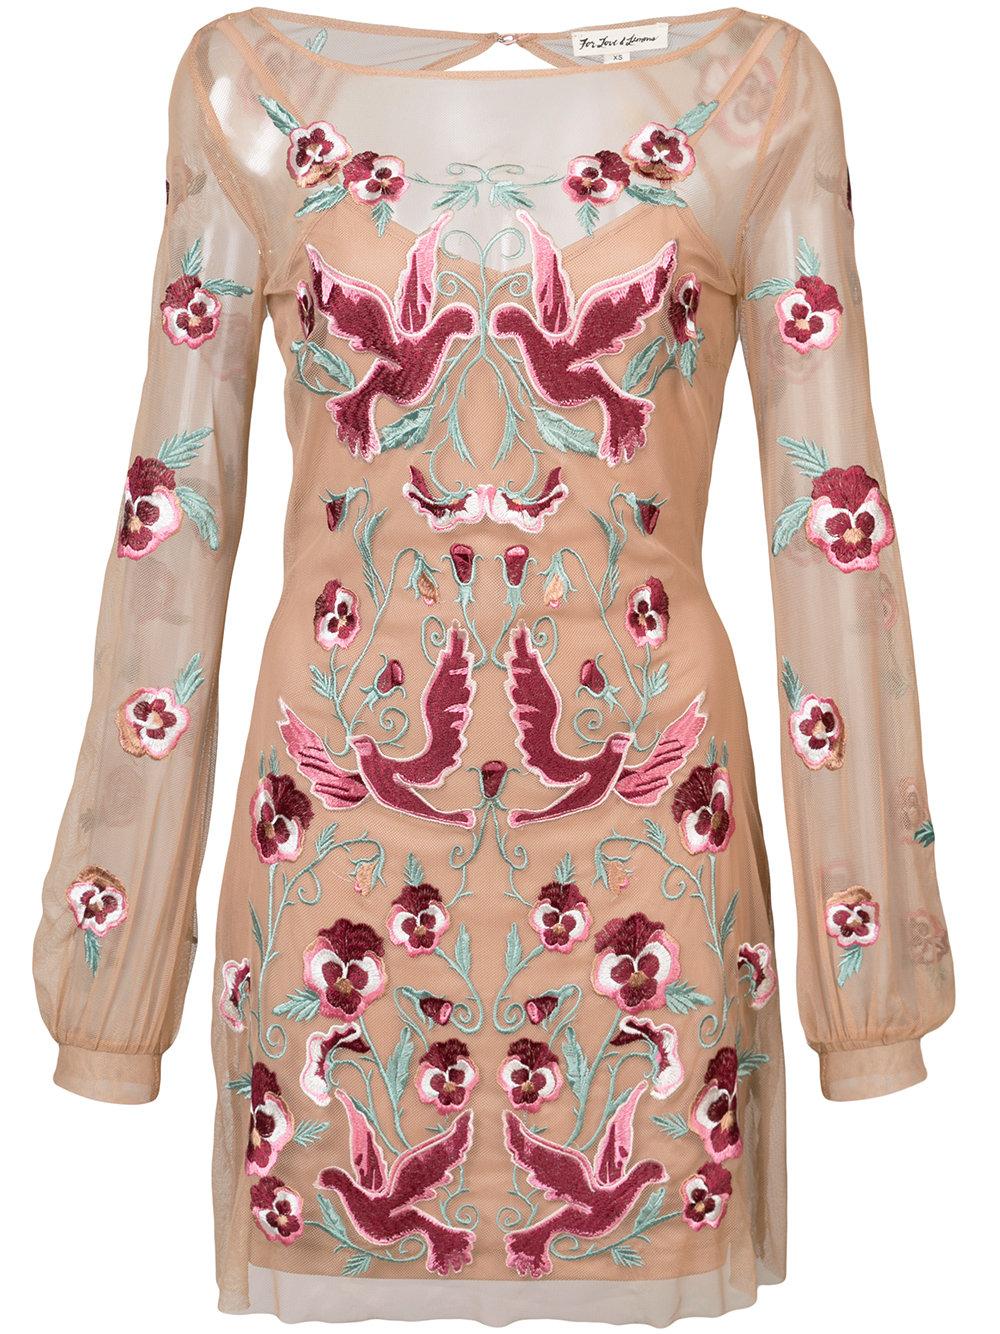 FOR LOVE AND LEMONS dress - $325